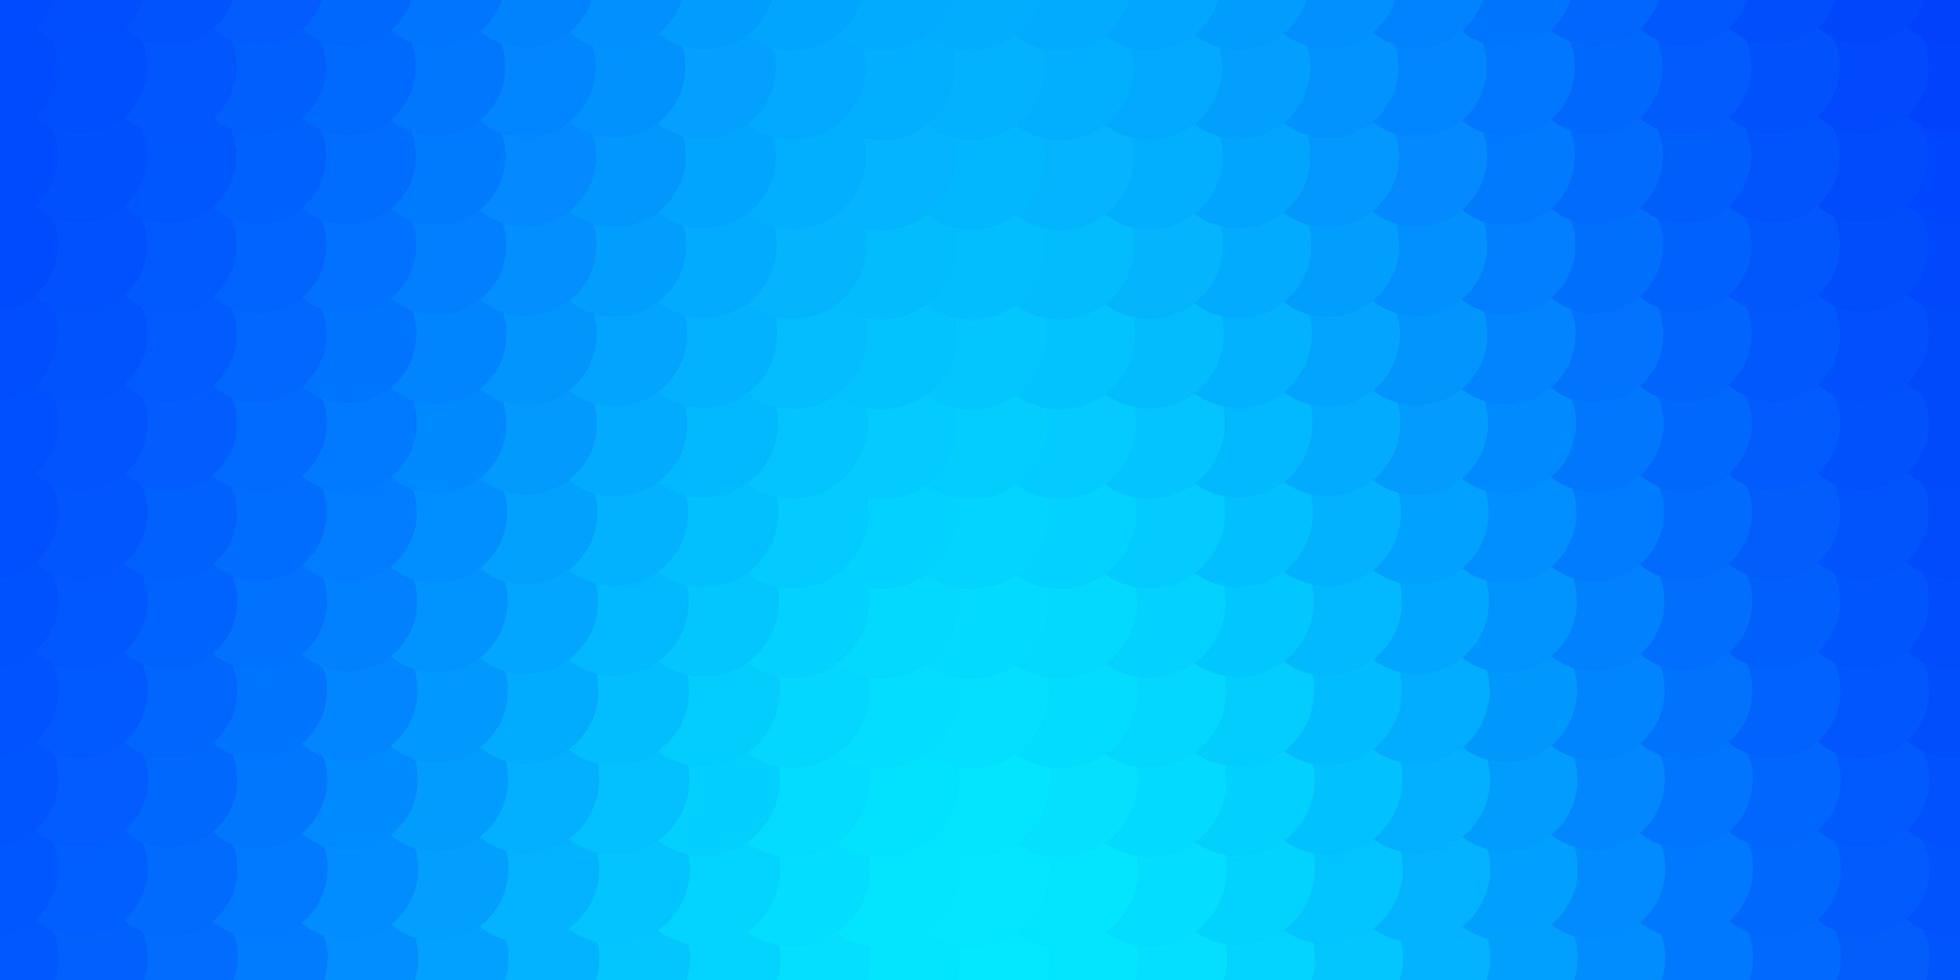 fond bleu avec des bulles. vecteur